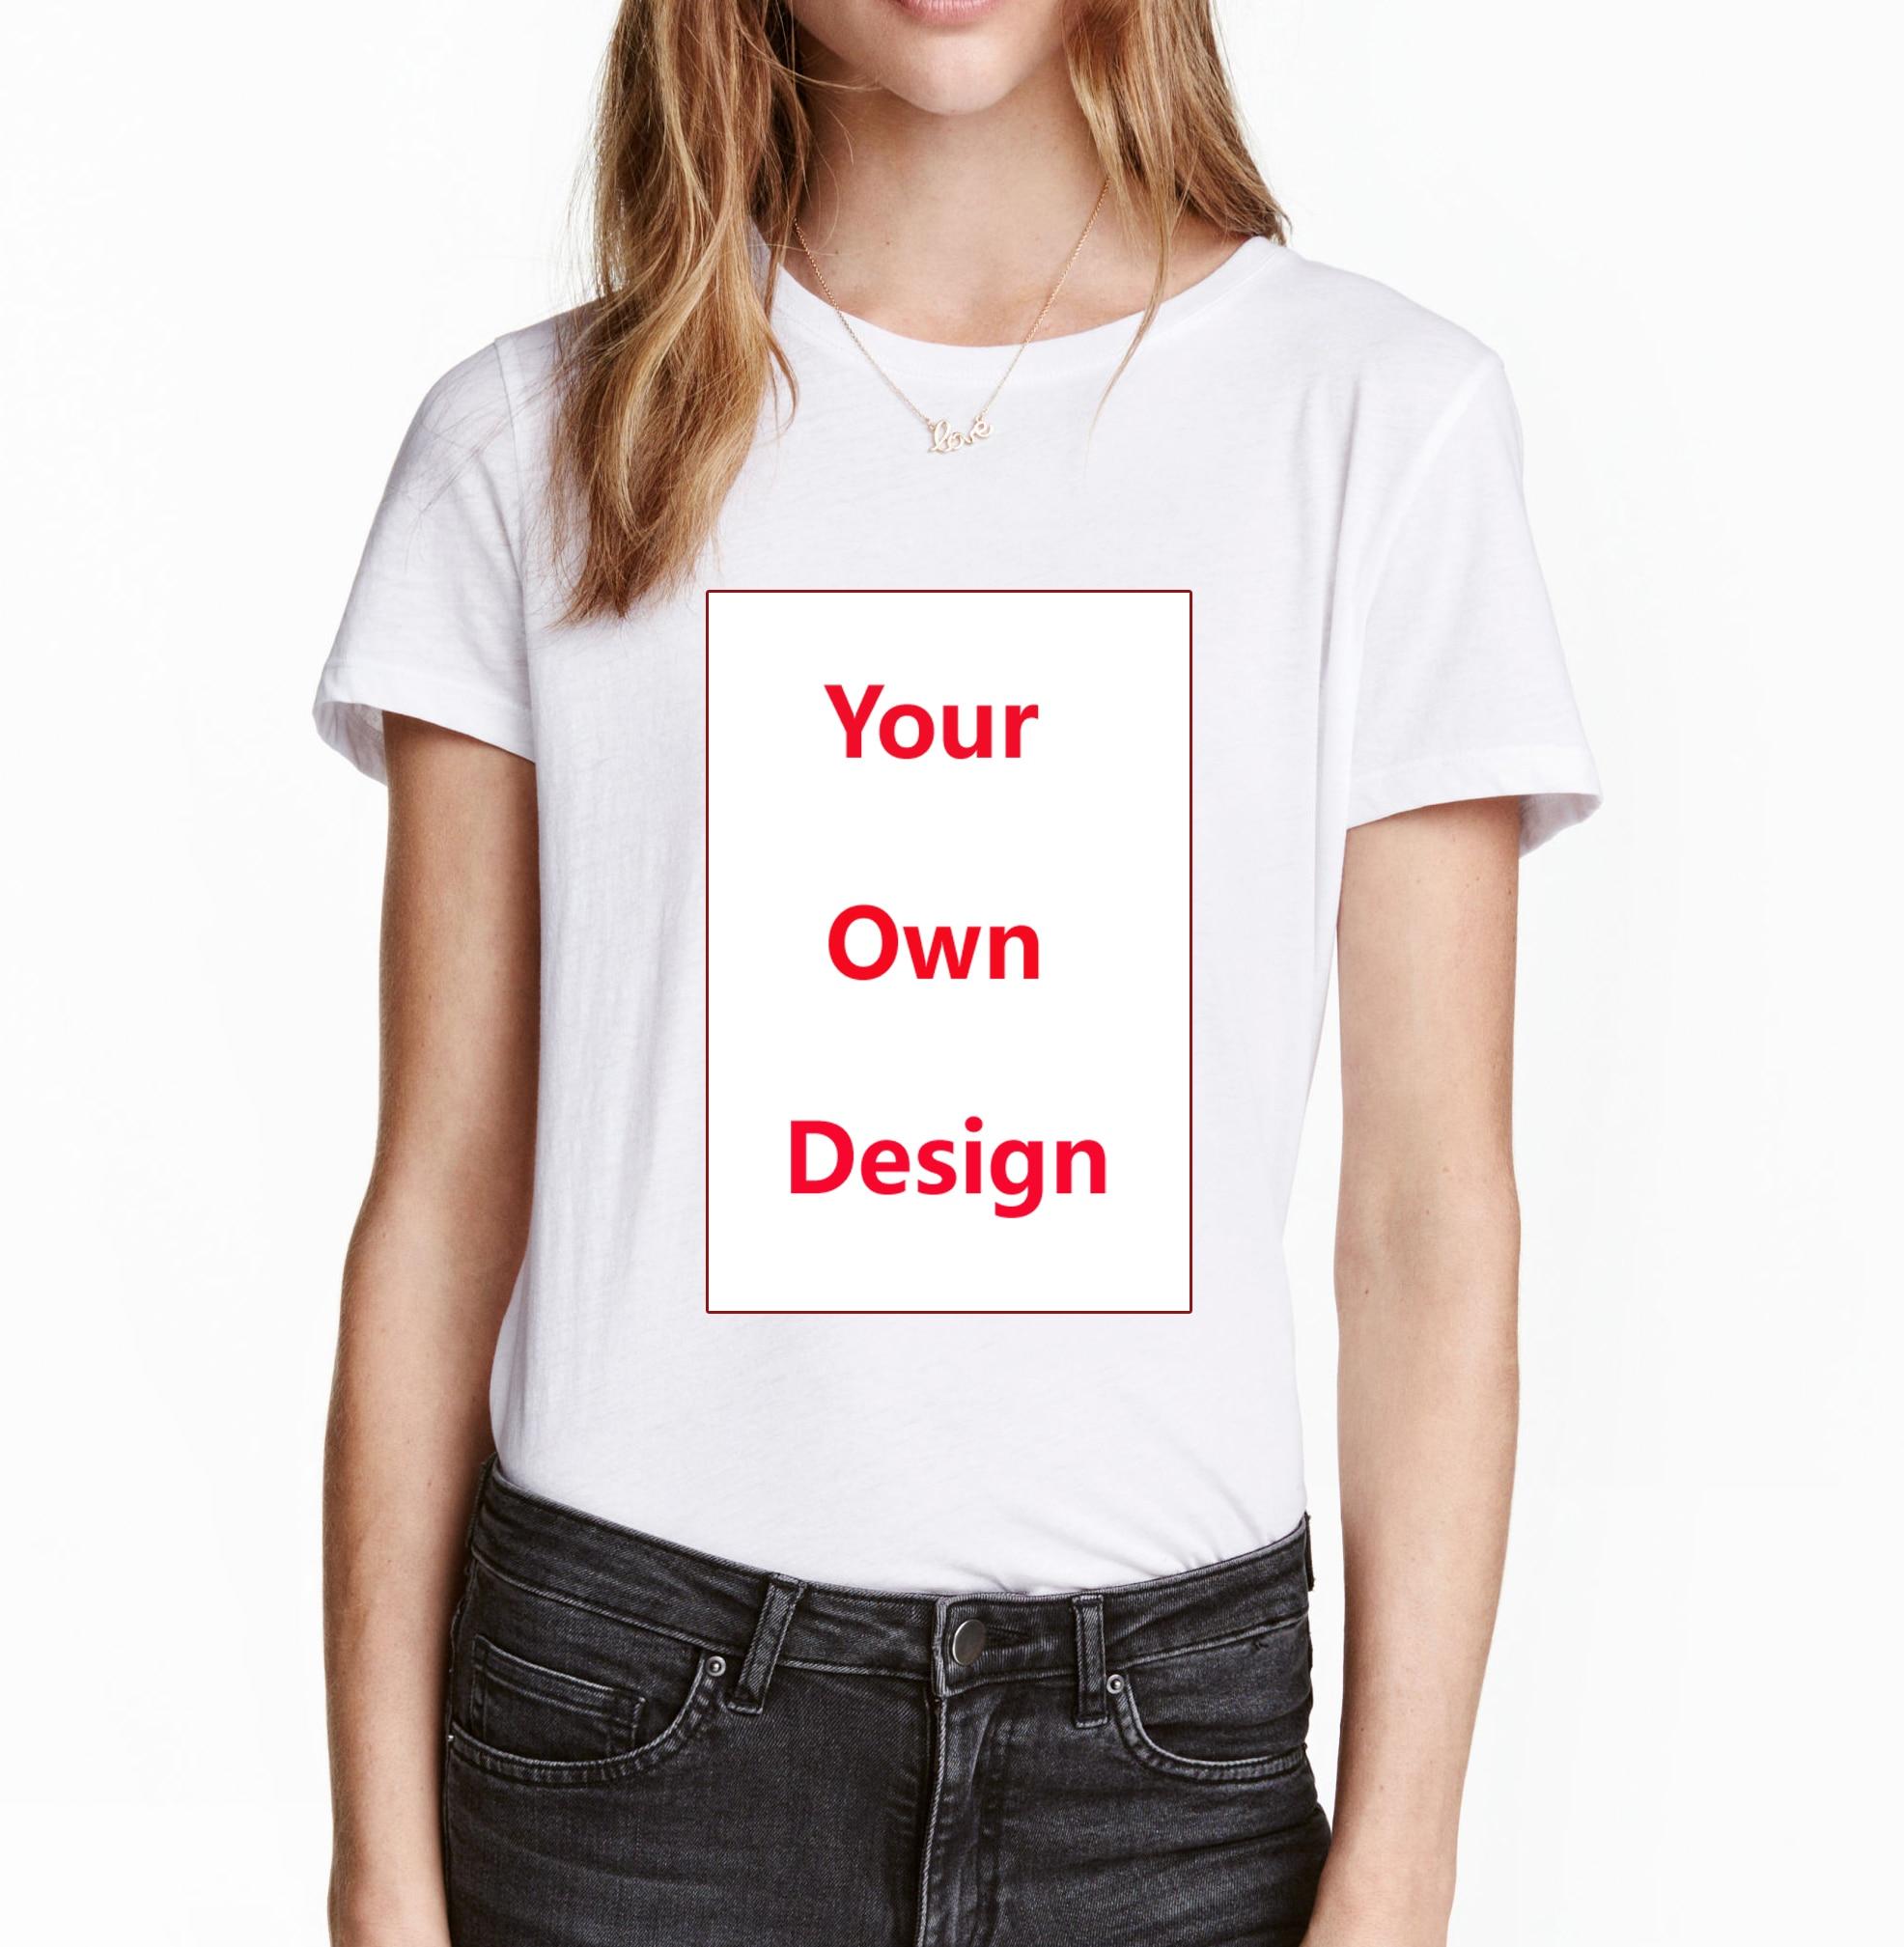 2019 индивидуальный заказ Для женщин футболка положить свой собственный дизайн и логотип высокое качество Футболки для леди индивидуальные